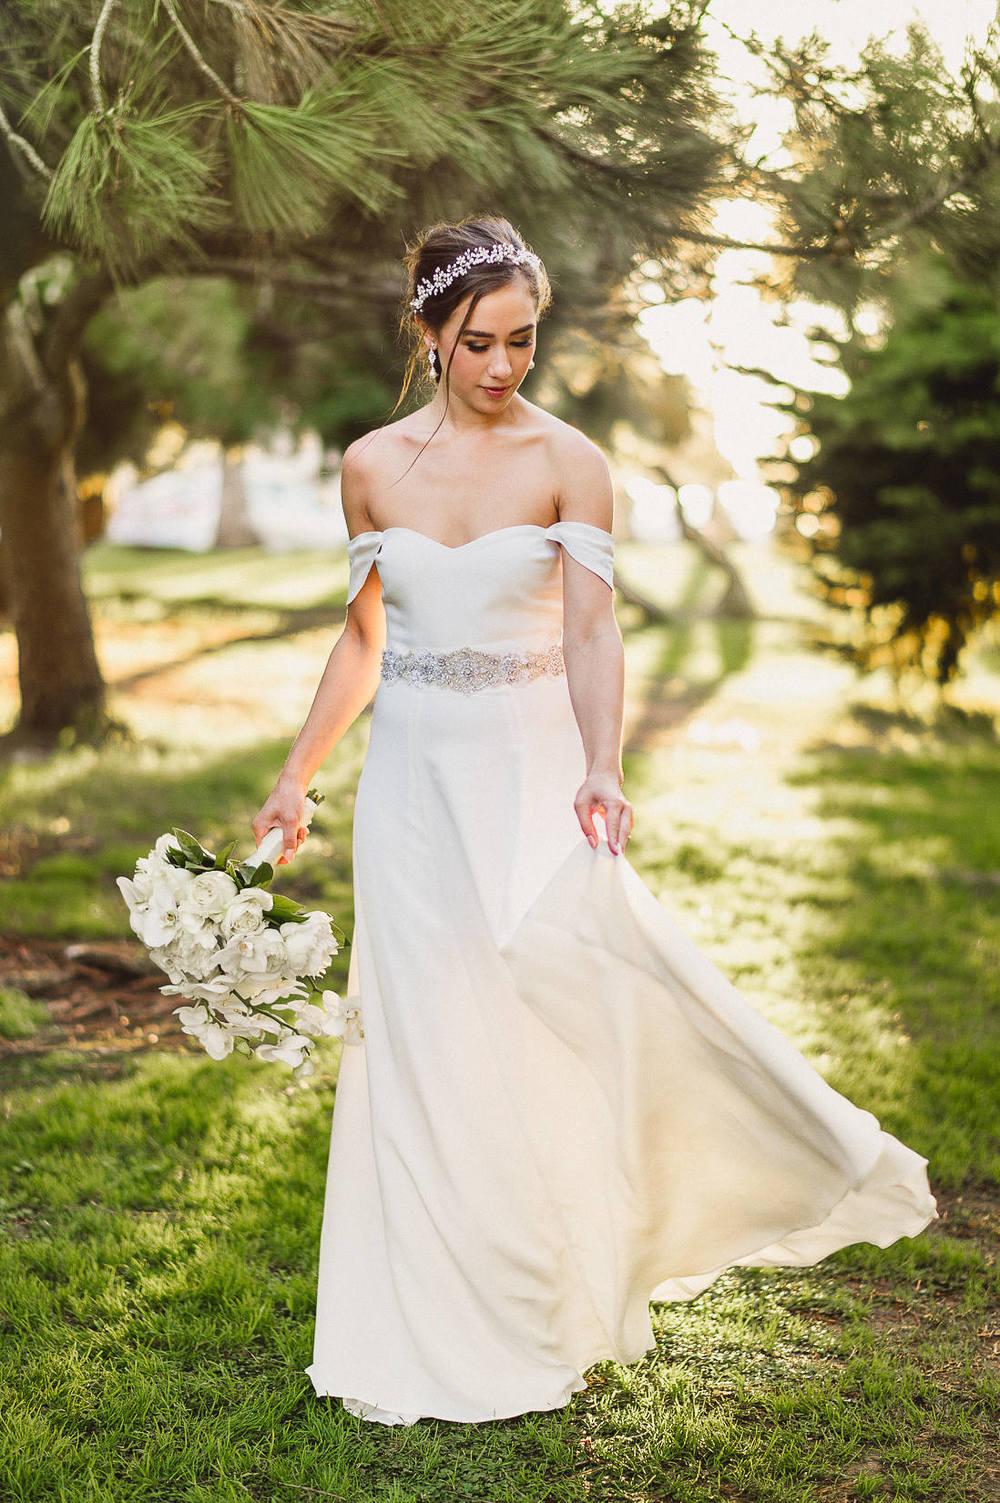 la-jolla-scripps-browning-park-bride-photos